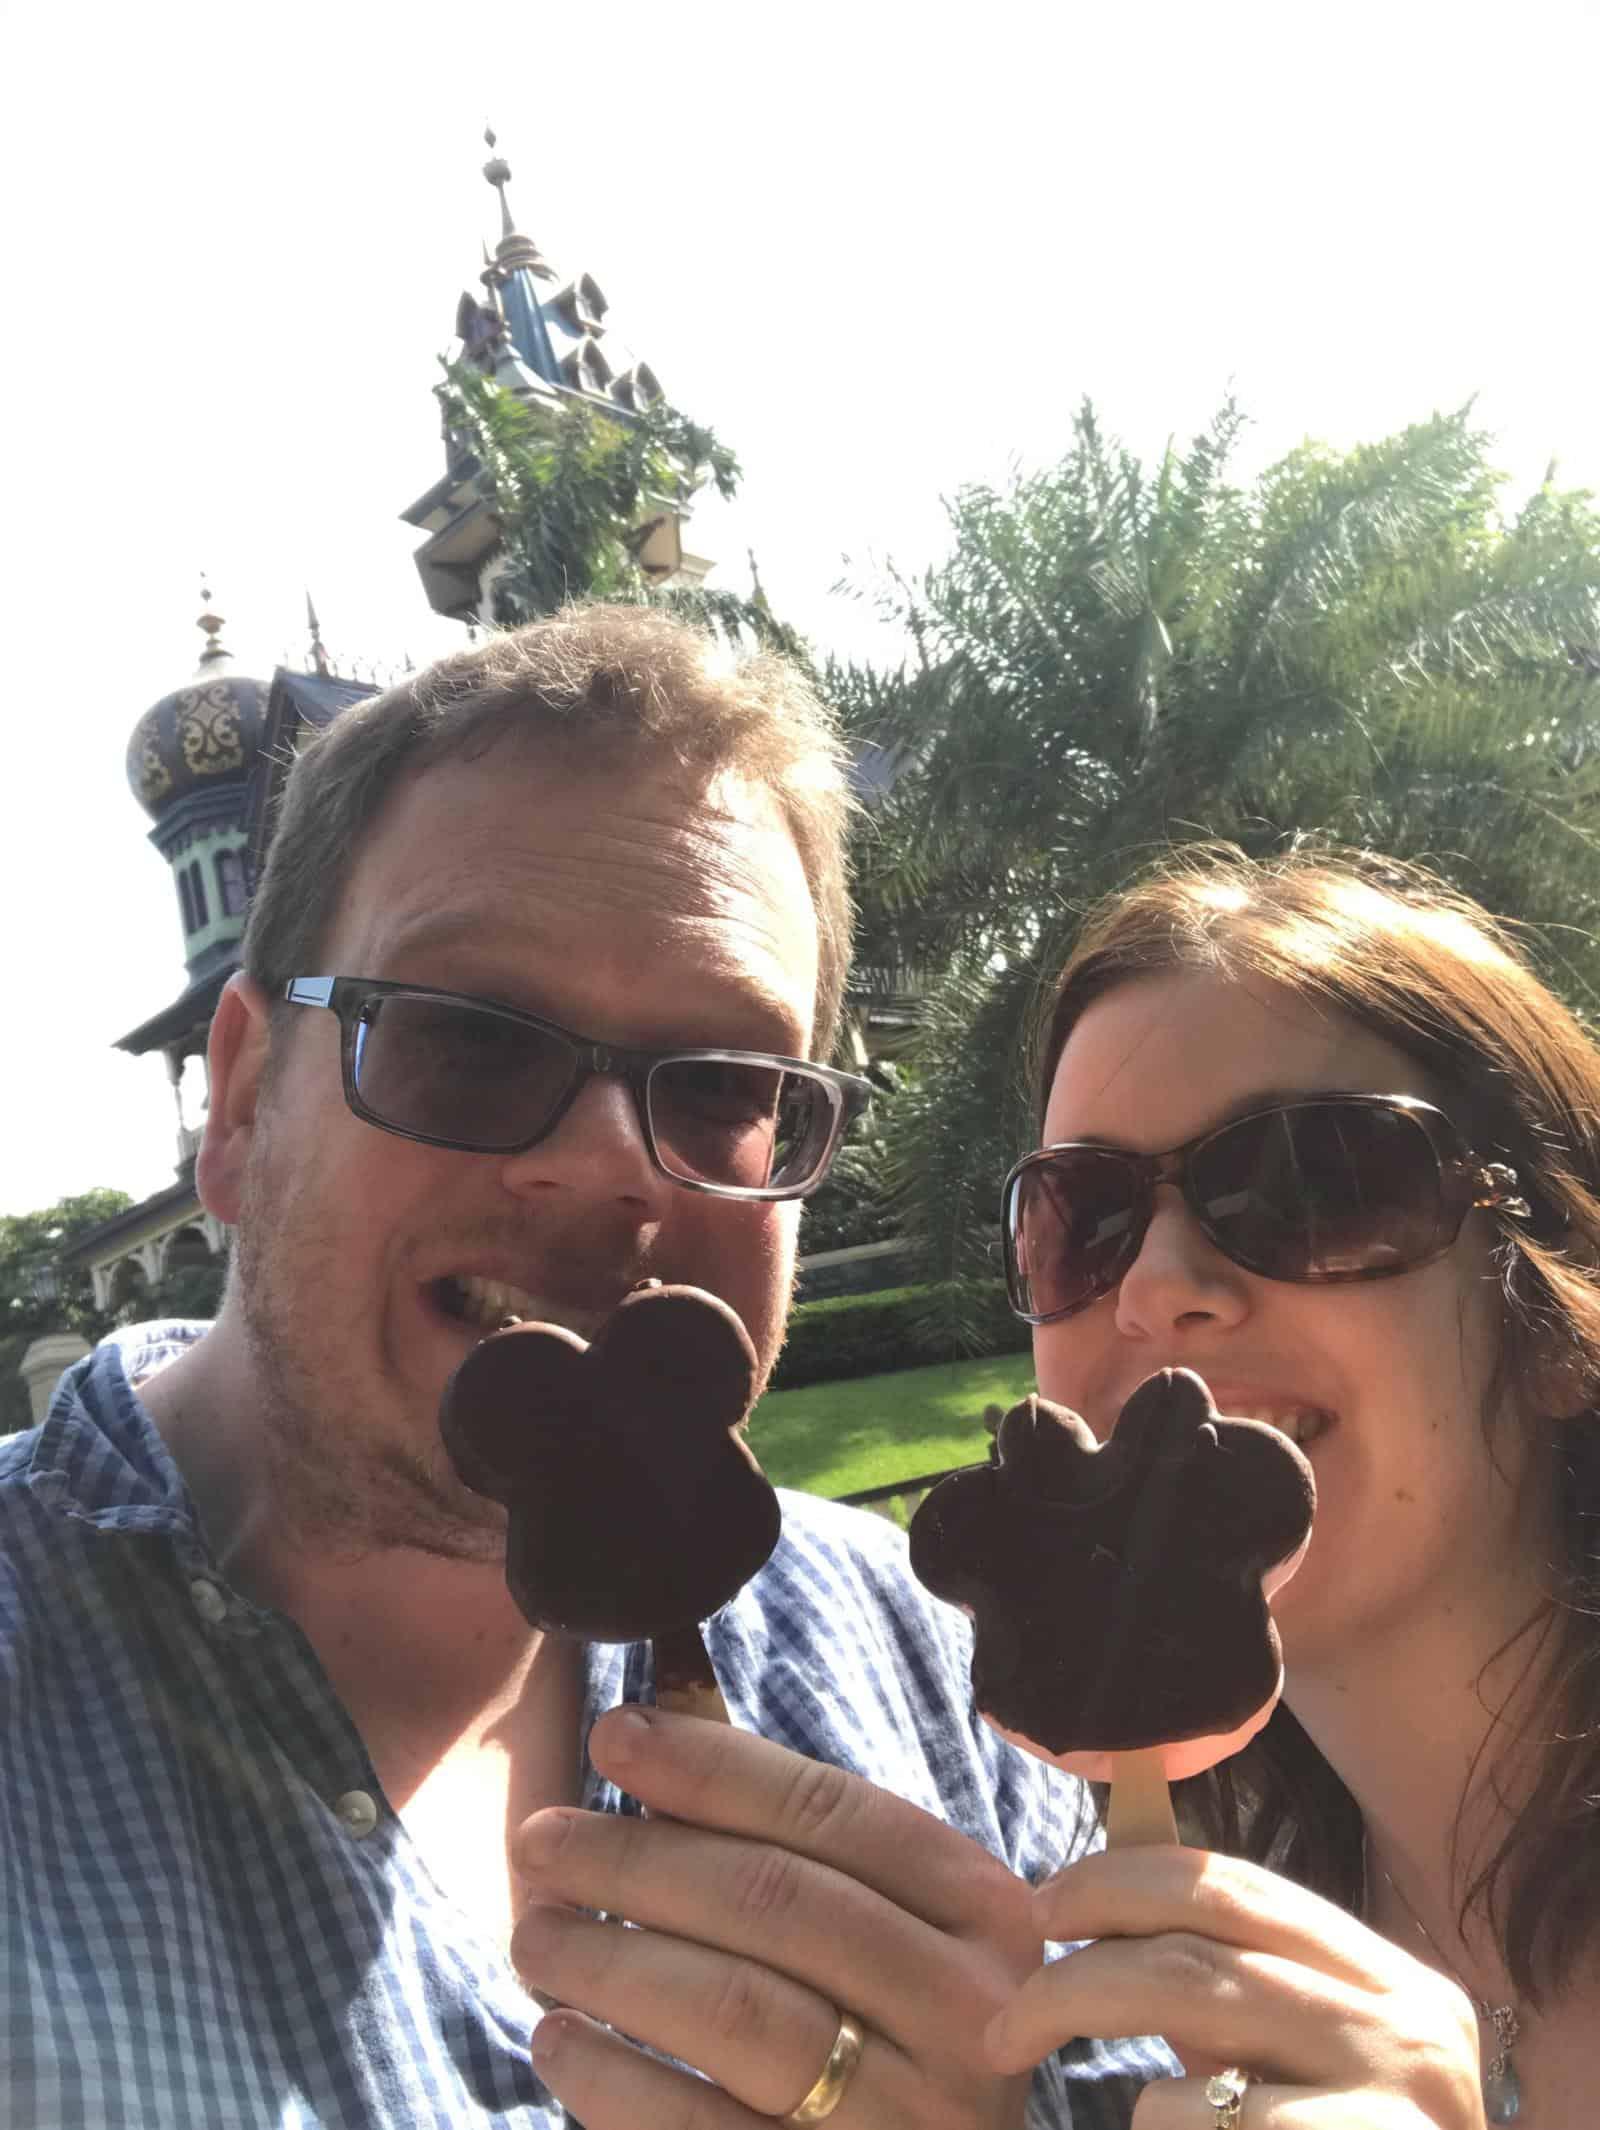 Visiting Hong Kong Disneyland Tips and Tricks - what to eat